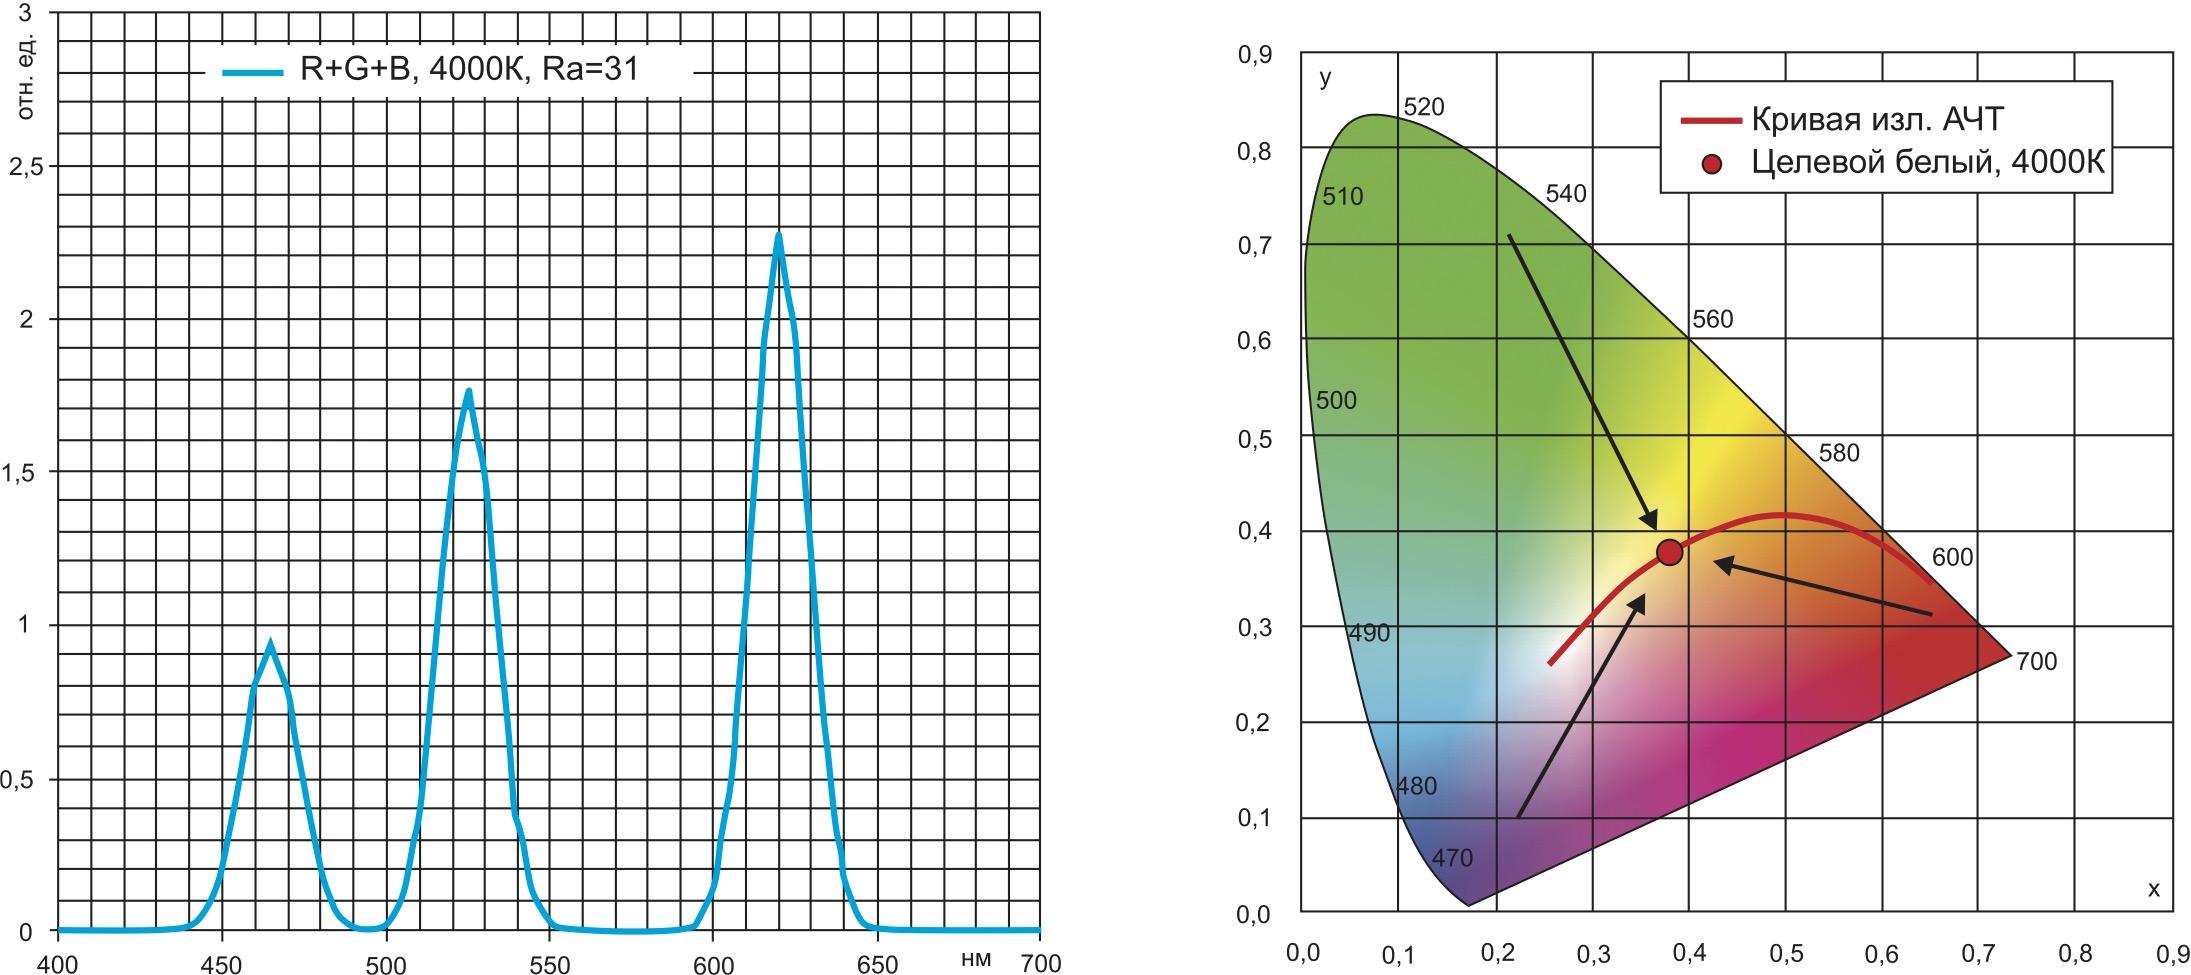 Трехцветный белый свет RGB (низкая цветопередача из-за отсутствия в составе наиболее важного цвета — желто-зеленого)